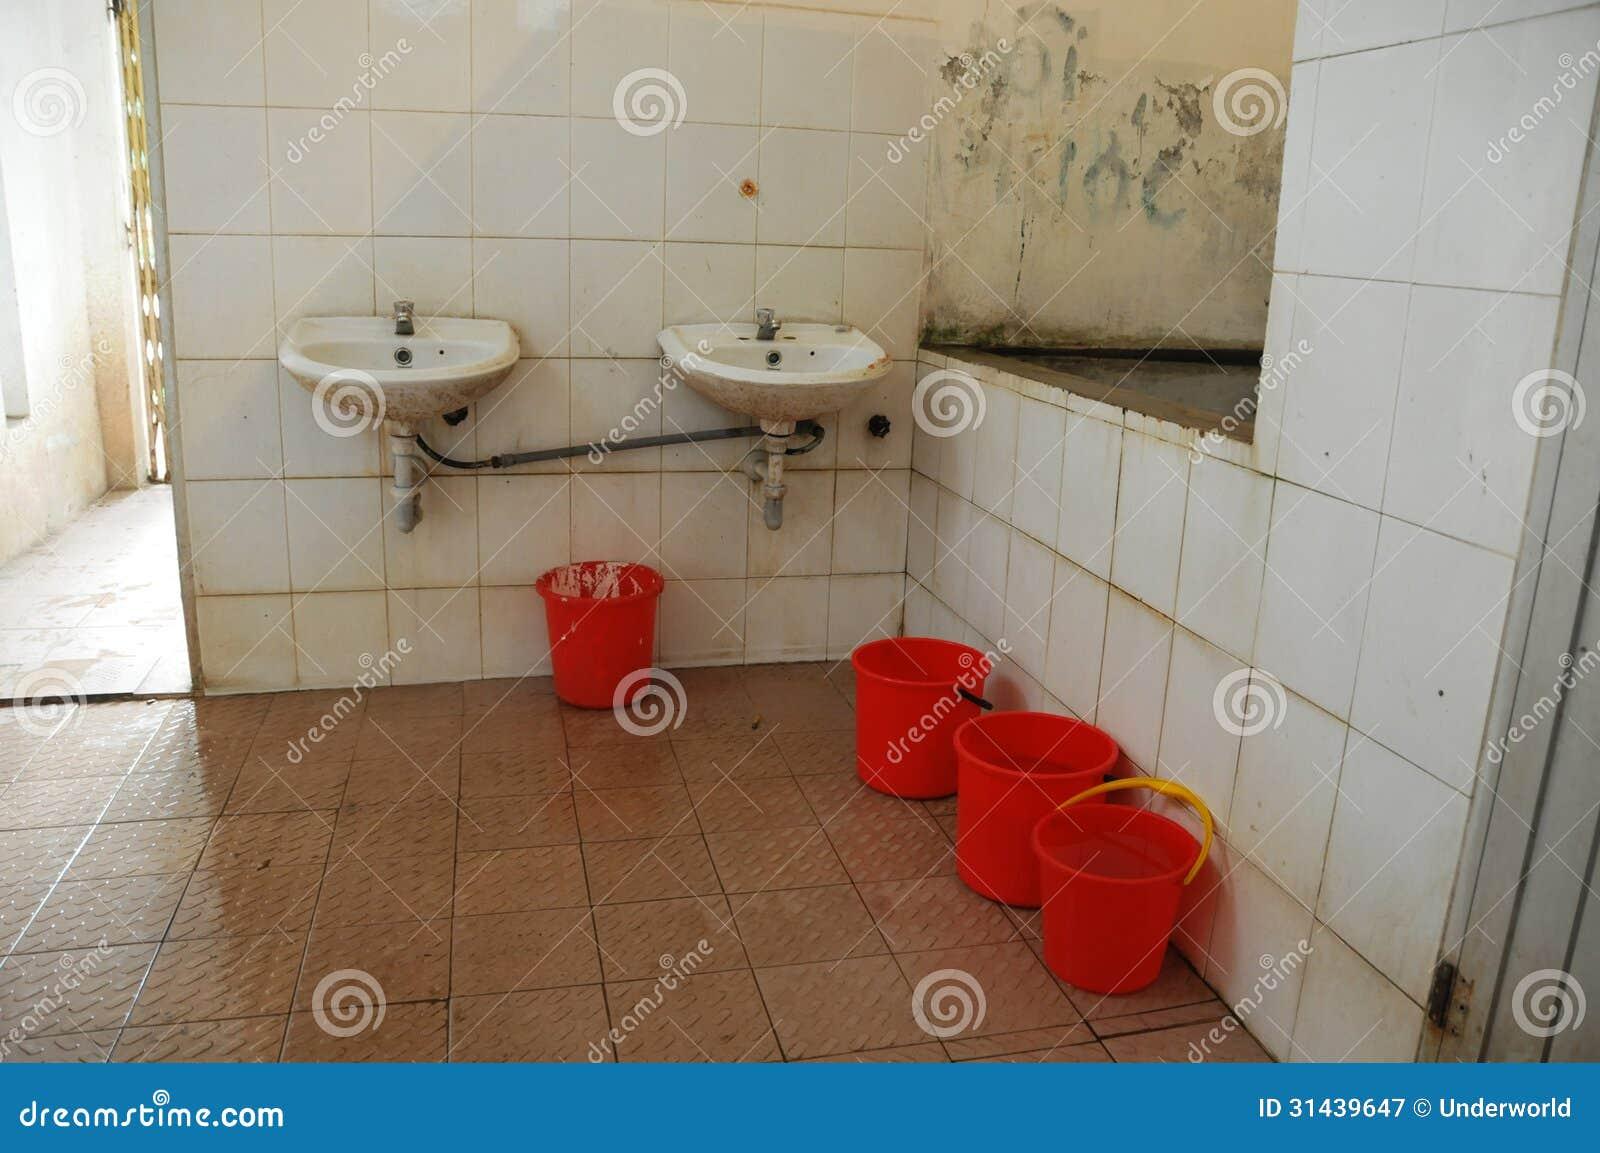 Ein Sehr Schmutziges Badezimmer Stockbild - Bild von unordentlich ...